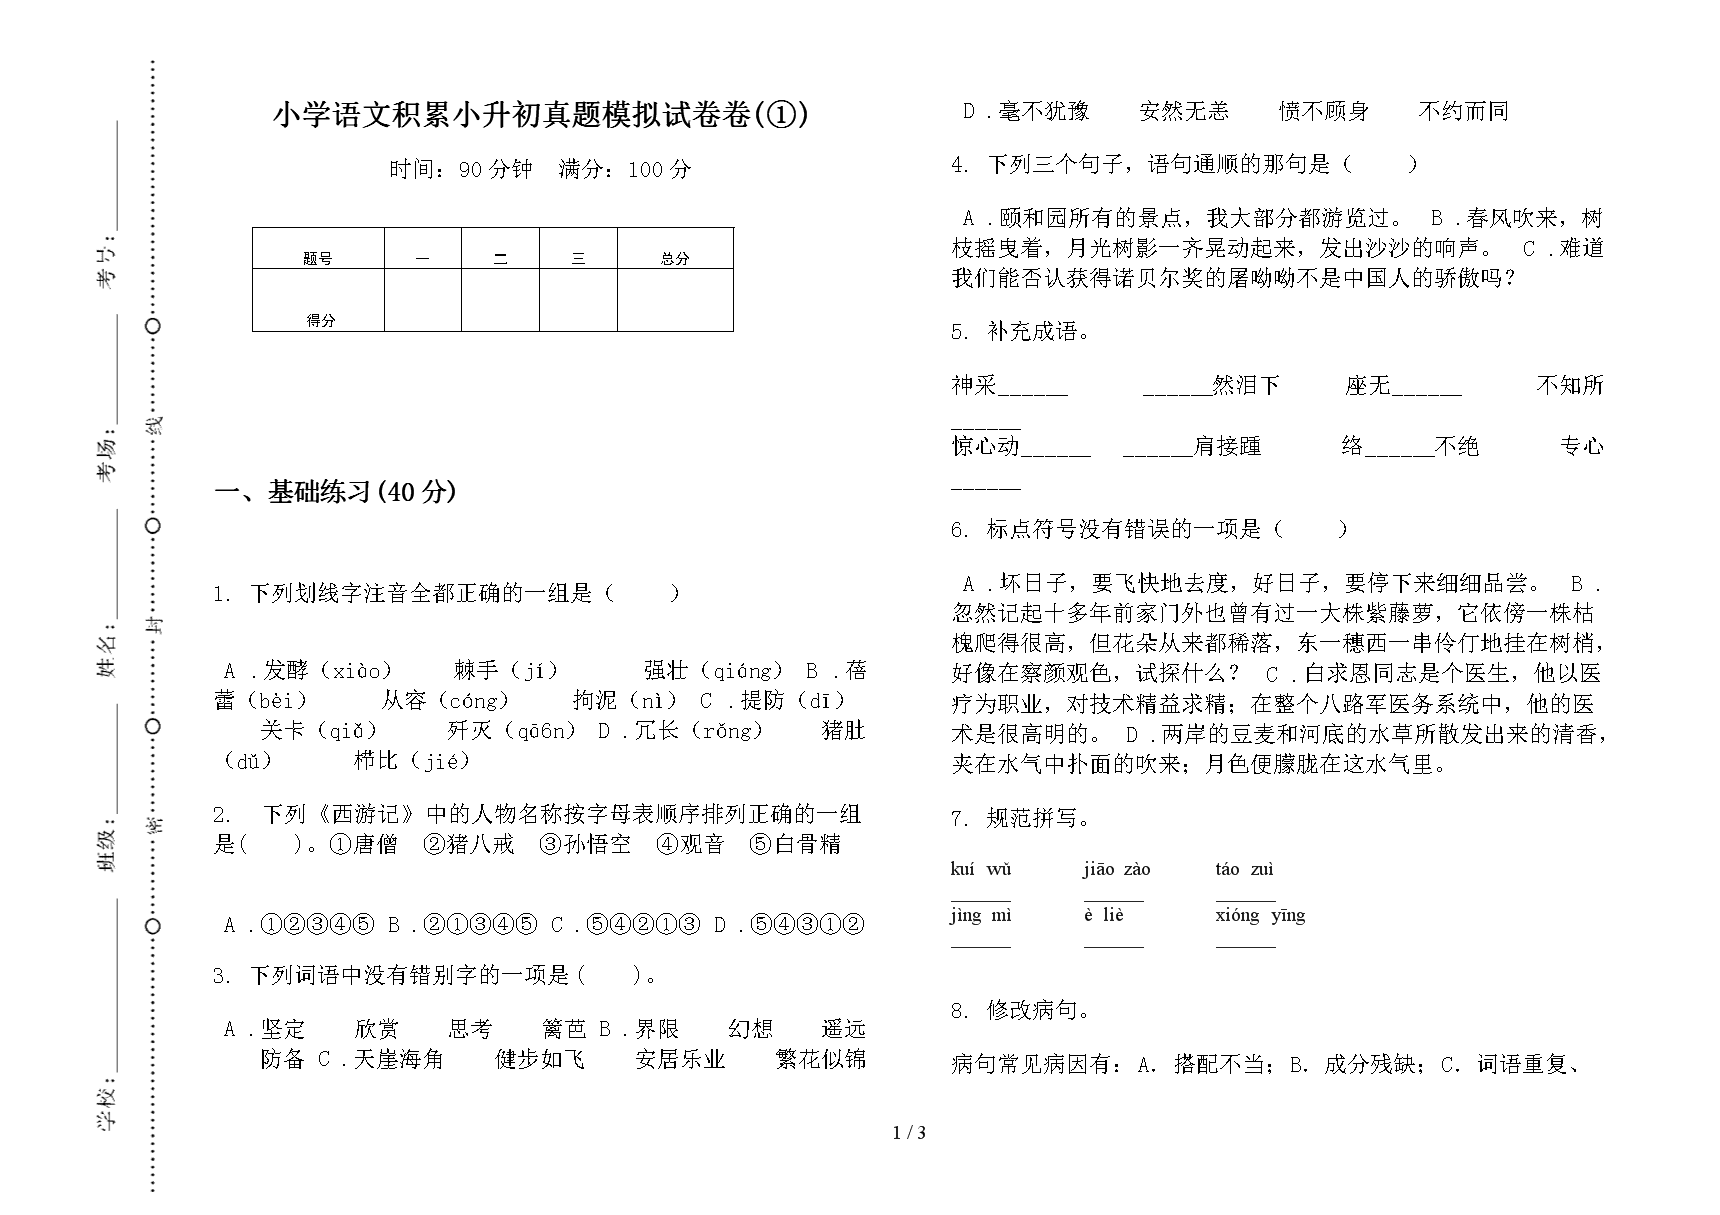 小学语文积累小升初真题模拟试卷卷(①).docx